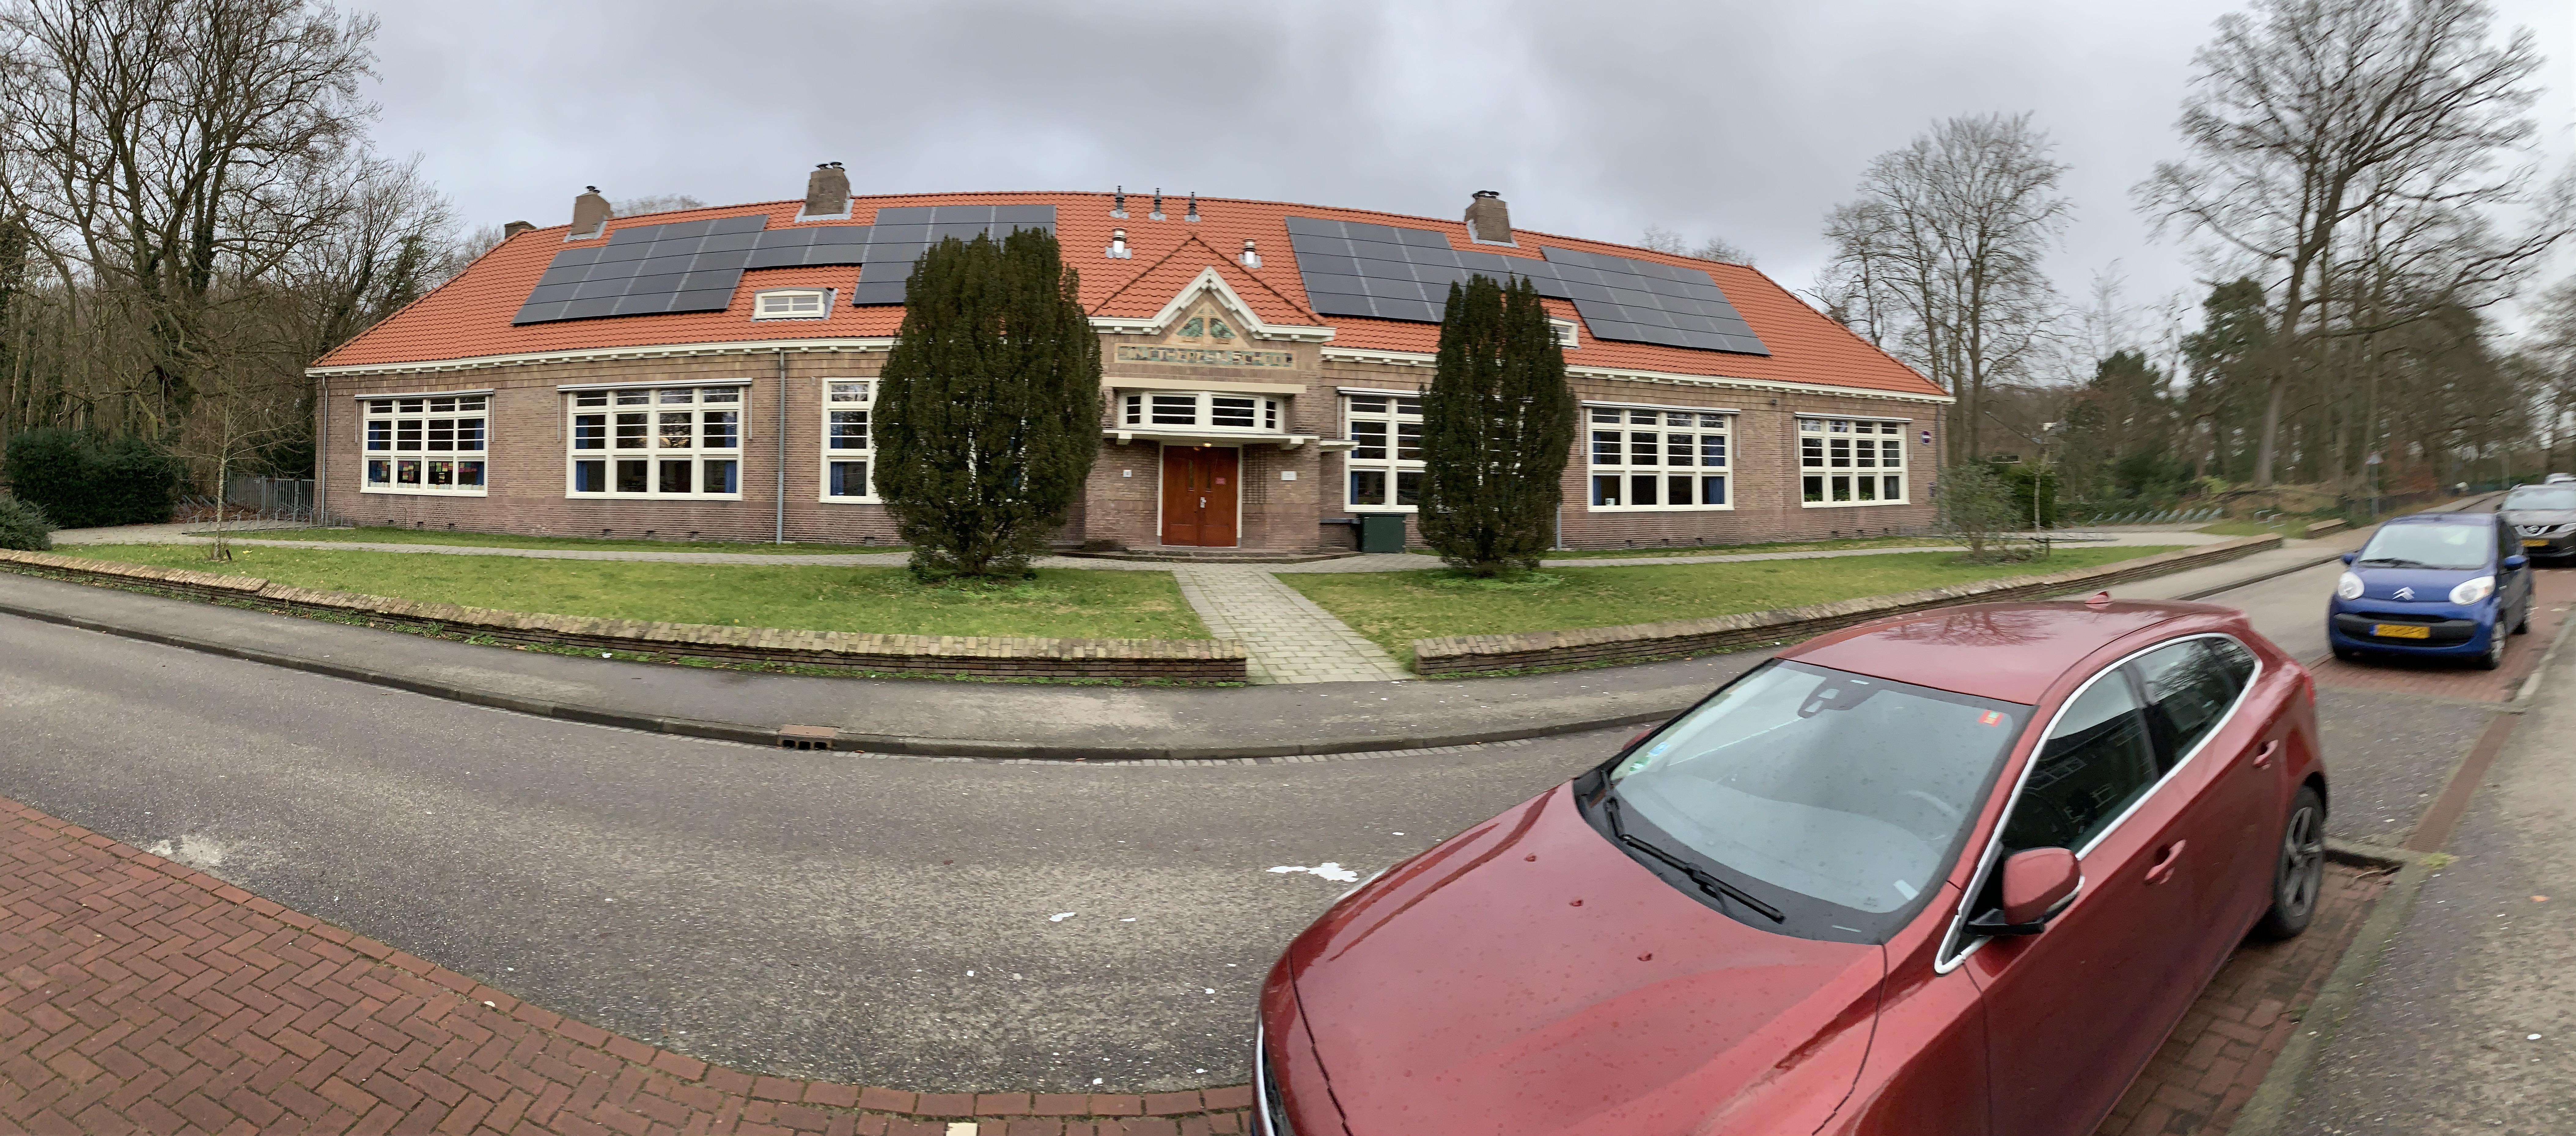 Schooldirecteur boos op Buurtvereniging Bloemendaal-Noord. 'St. Theresia basisschool is wél een veilige school'